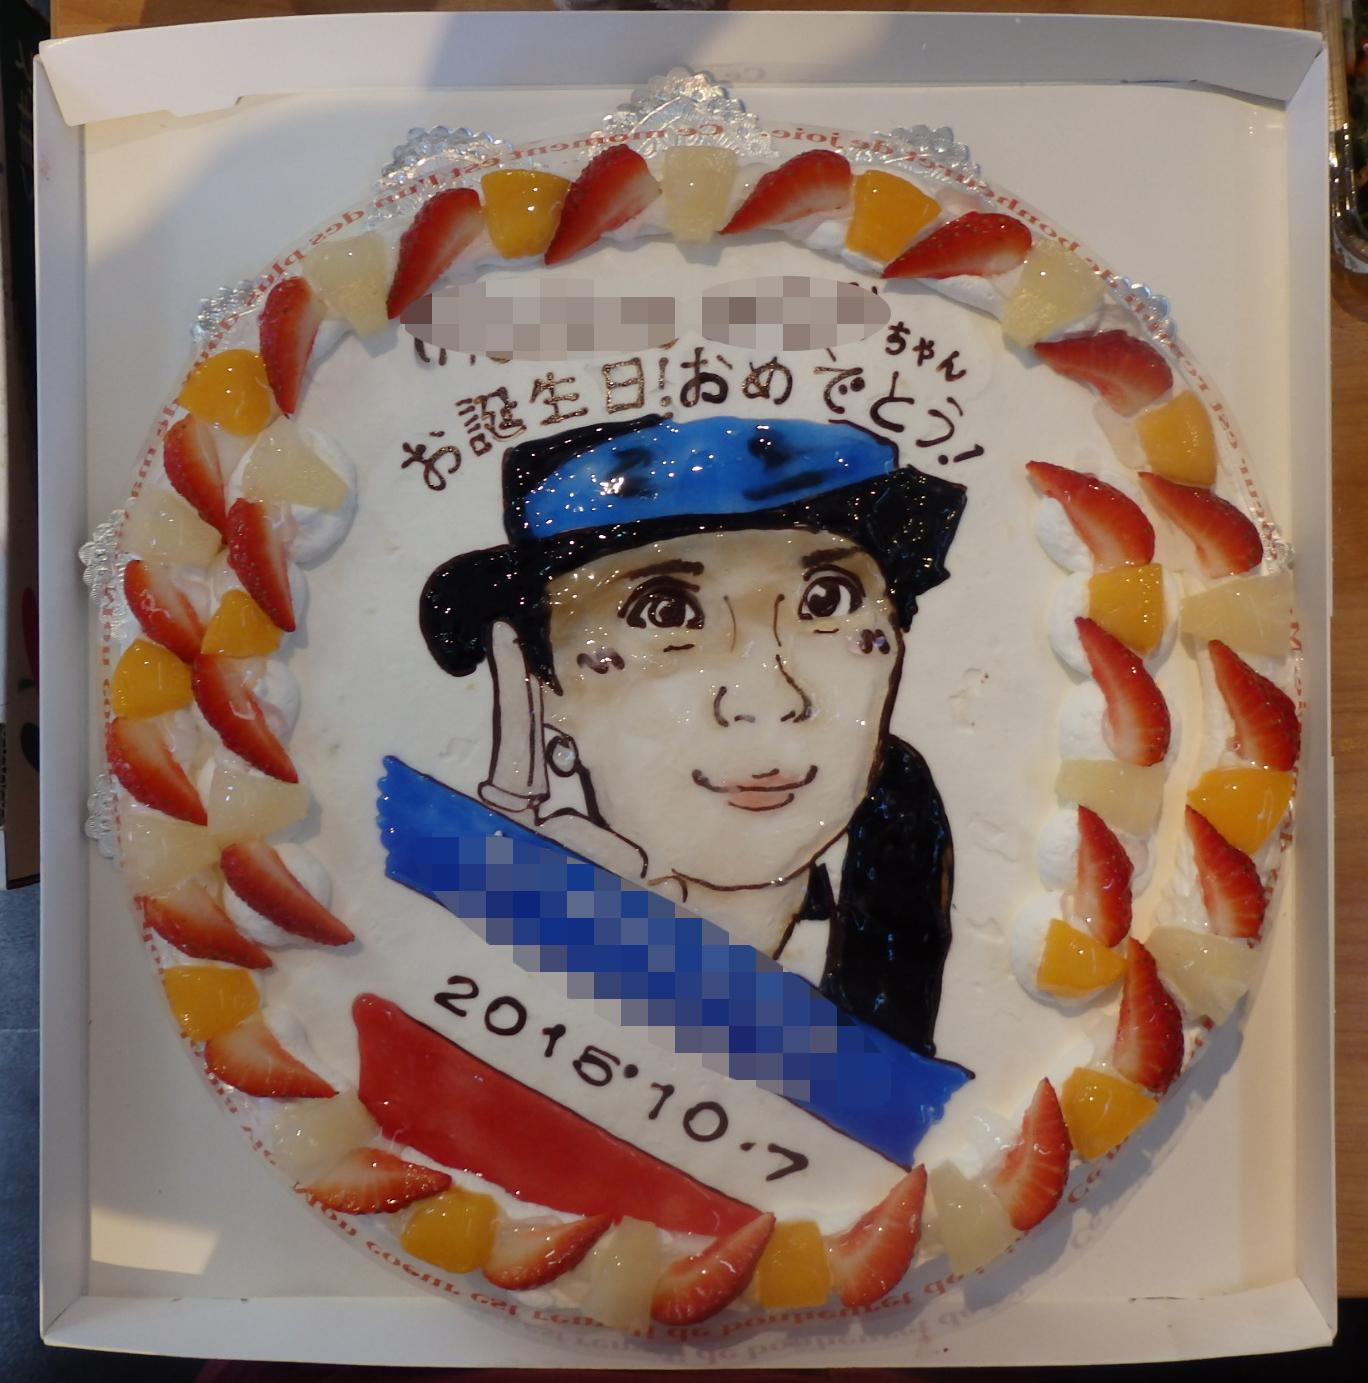 似顔絵ケーキ 10号 30cmの画像3枚目